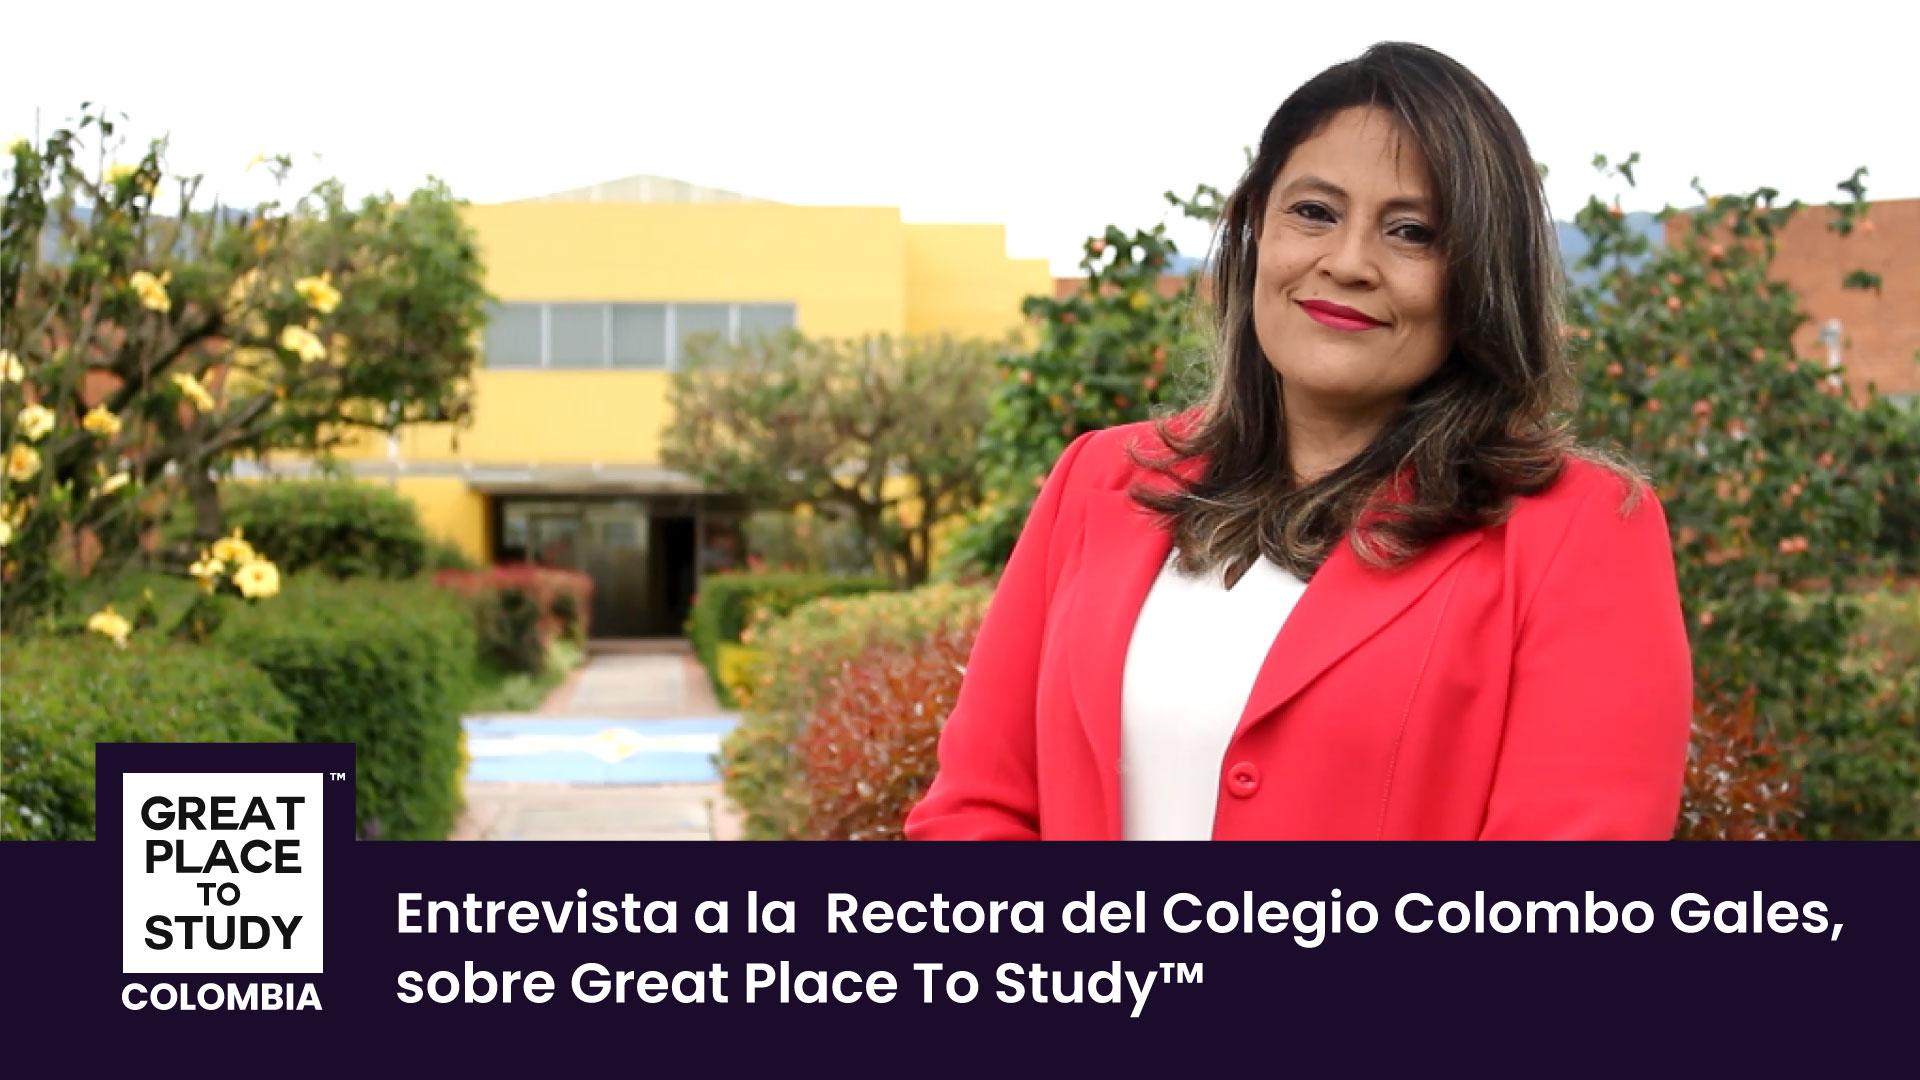 Clara Inés Martín, rectora del Colegio Colombo Galés habla sobre Great Place to Study